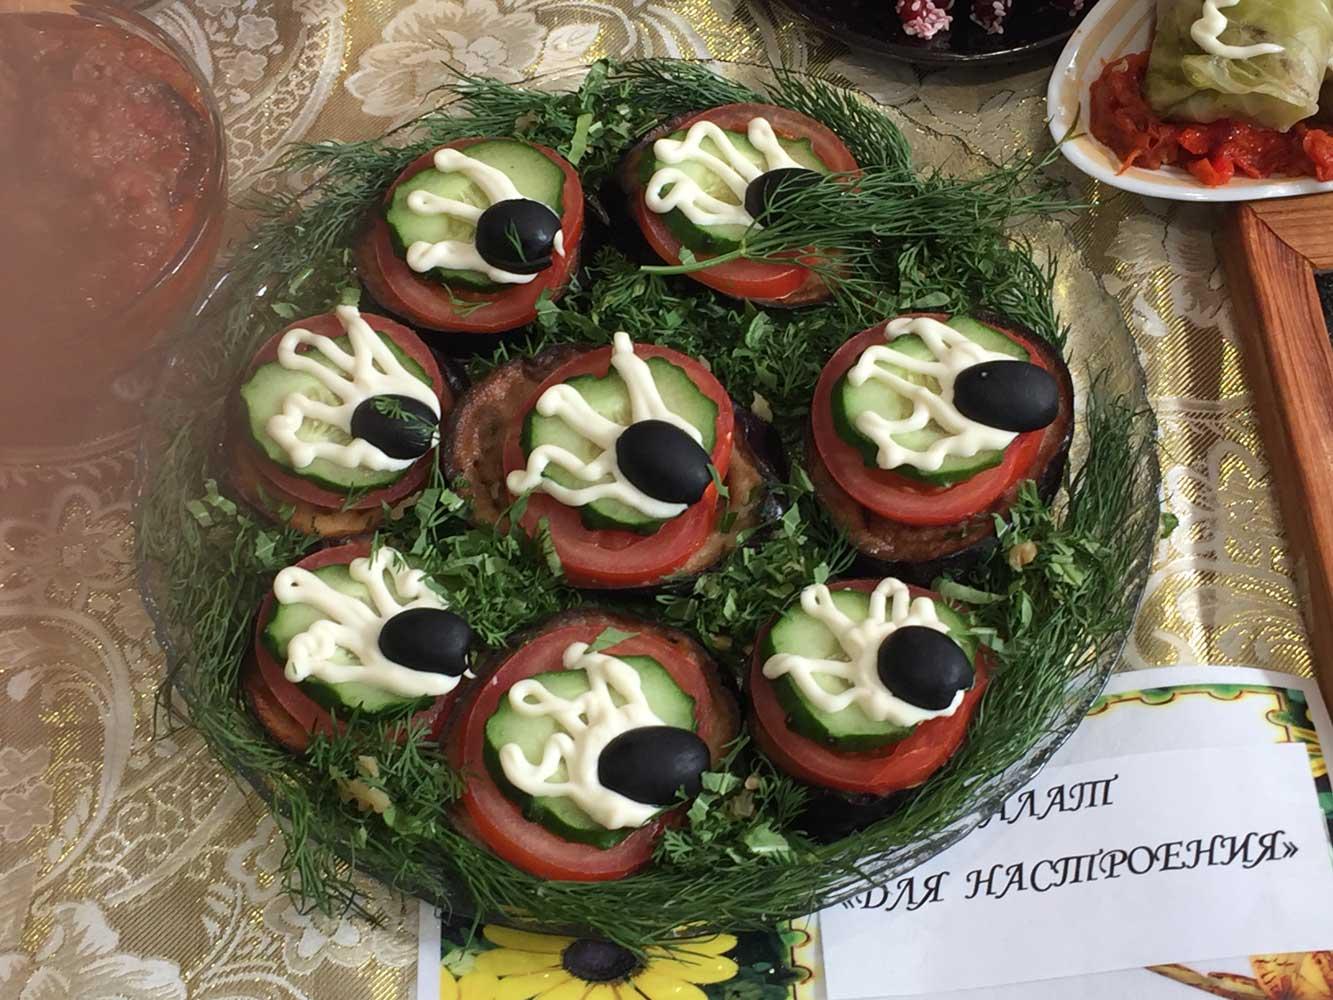 Фестиваль постной кухни в городе Ярославле. Стогинское потребительское общество.